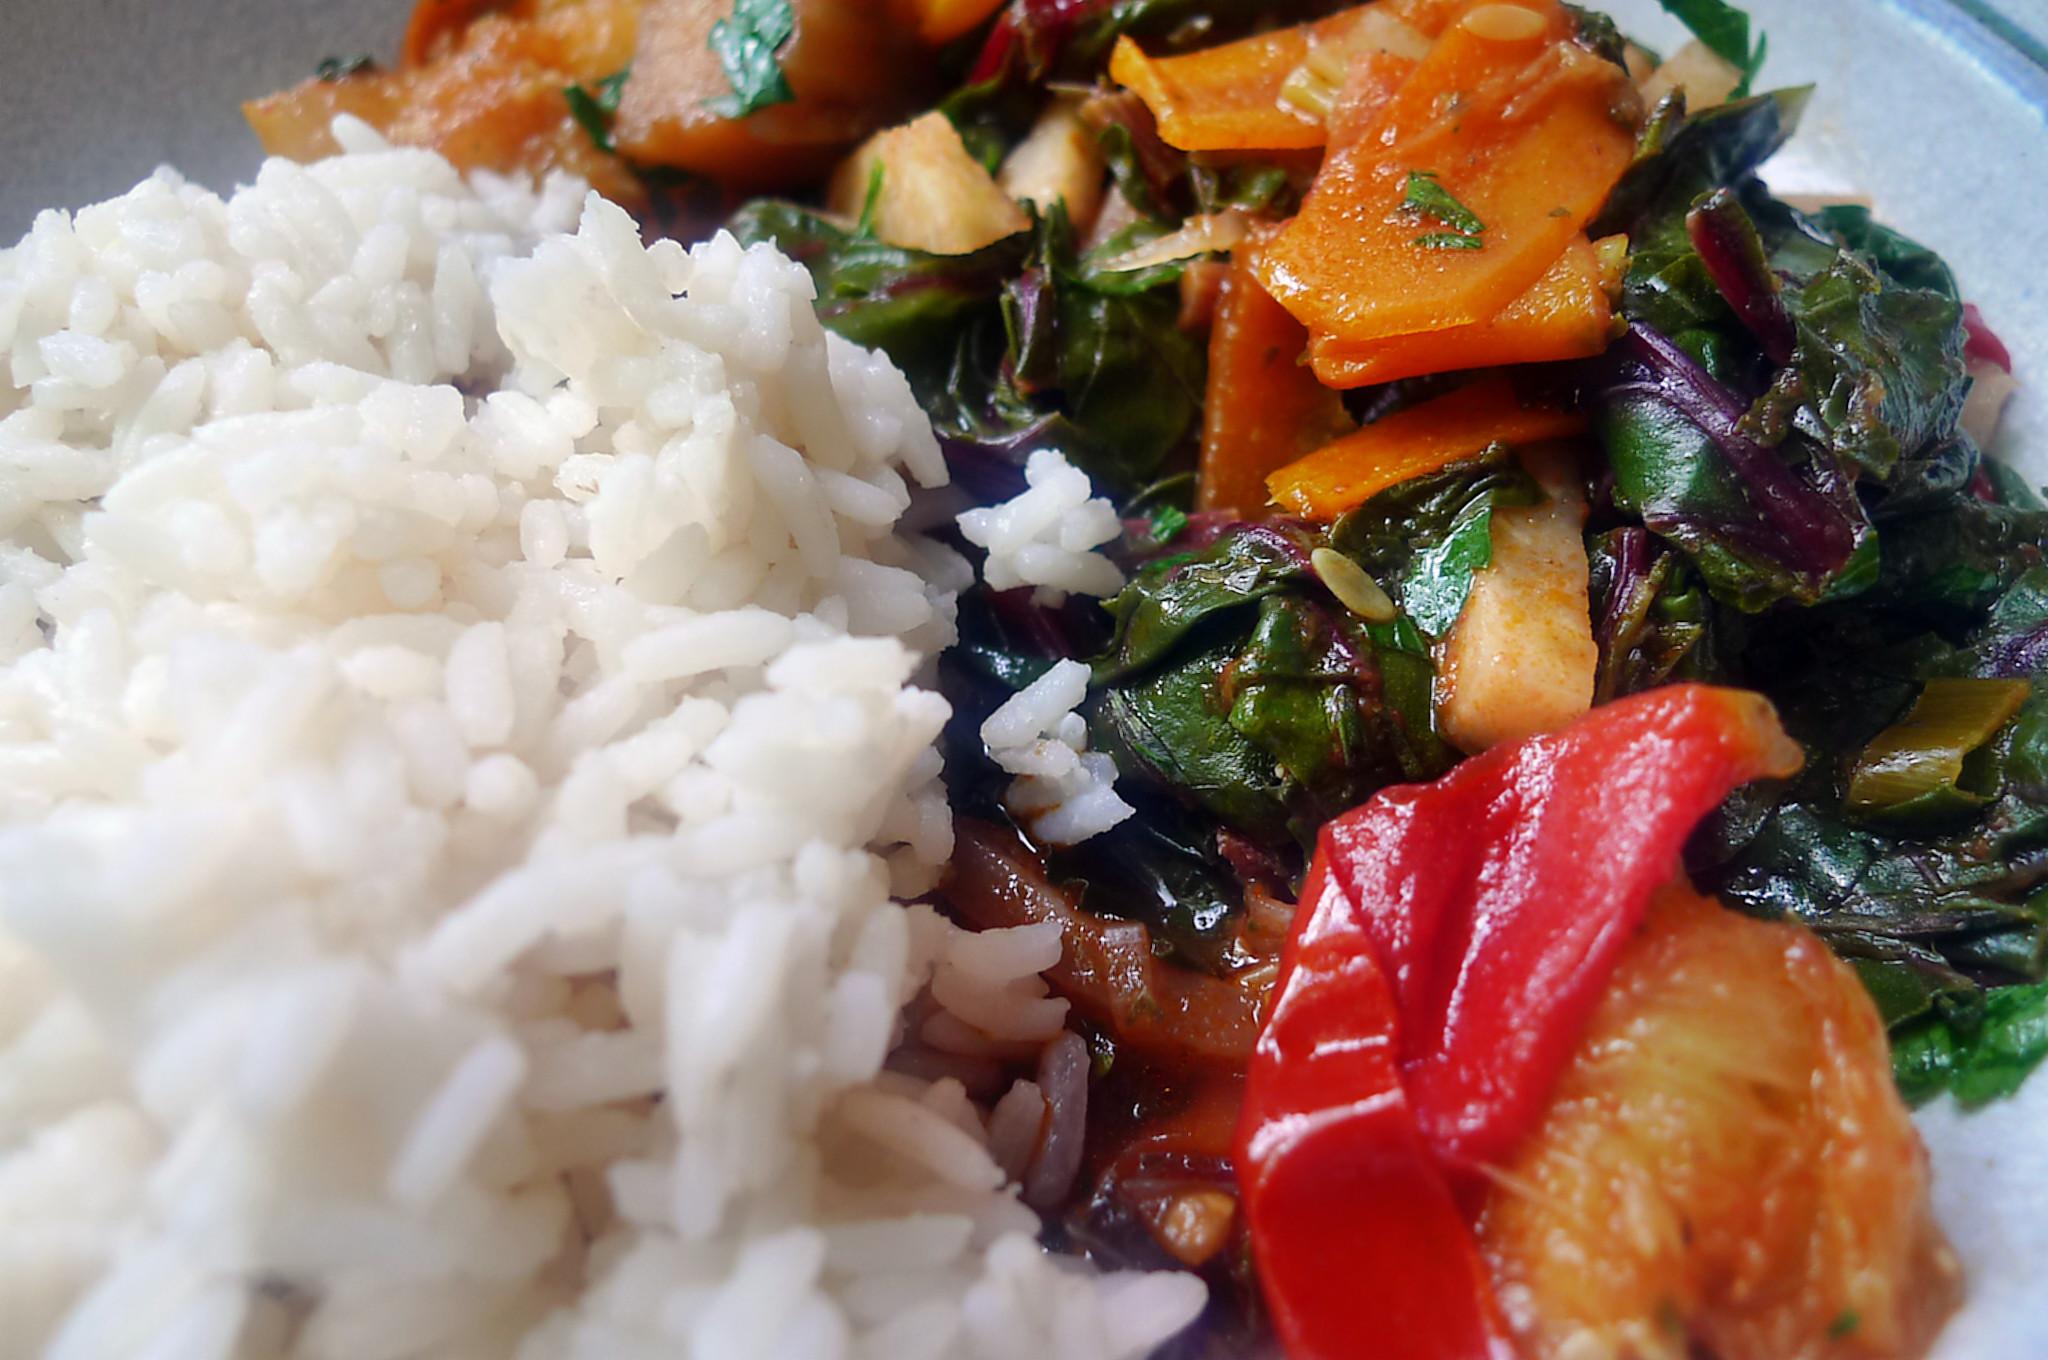 Gemüsepfanne-Reis-2.8.14   (15)